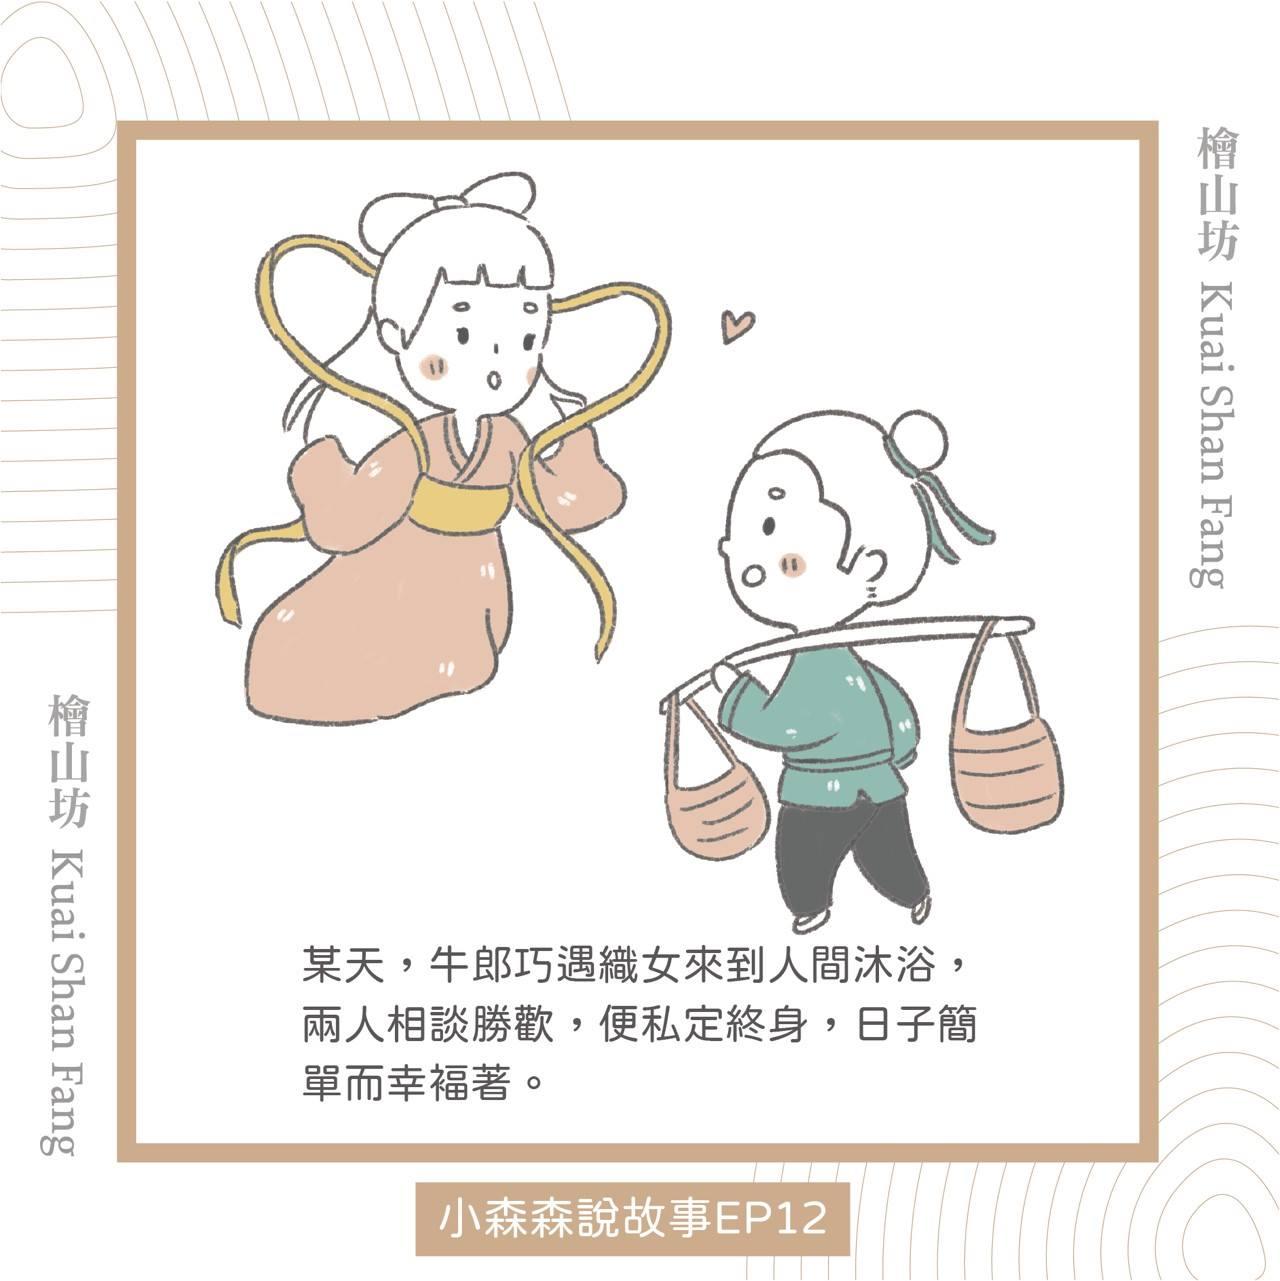 |小森森說故事 七夕特別篇|牛郎給織女的禮物